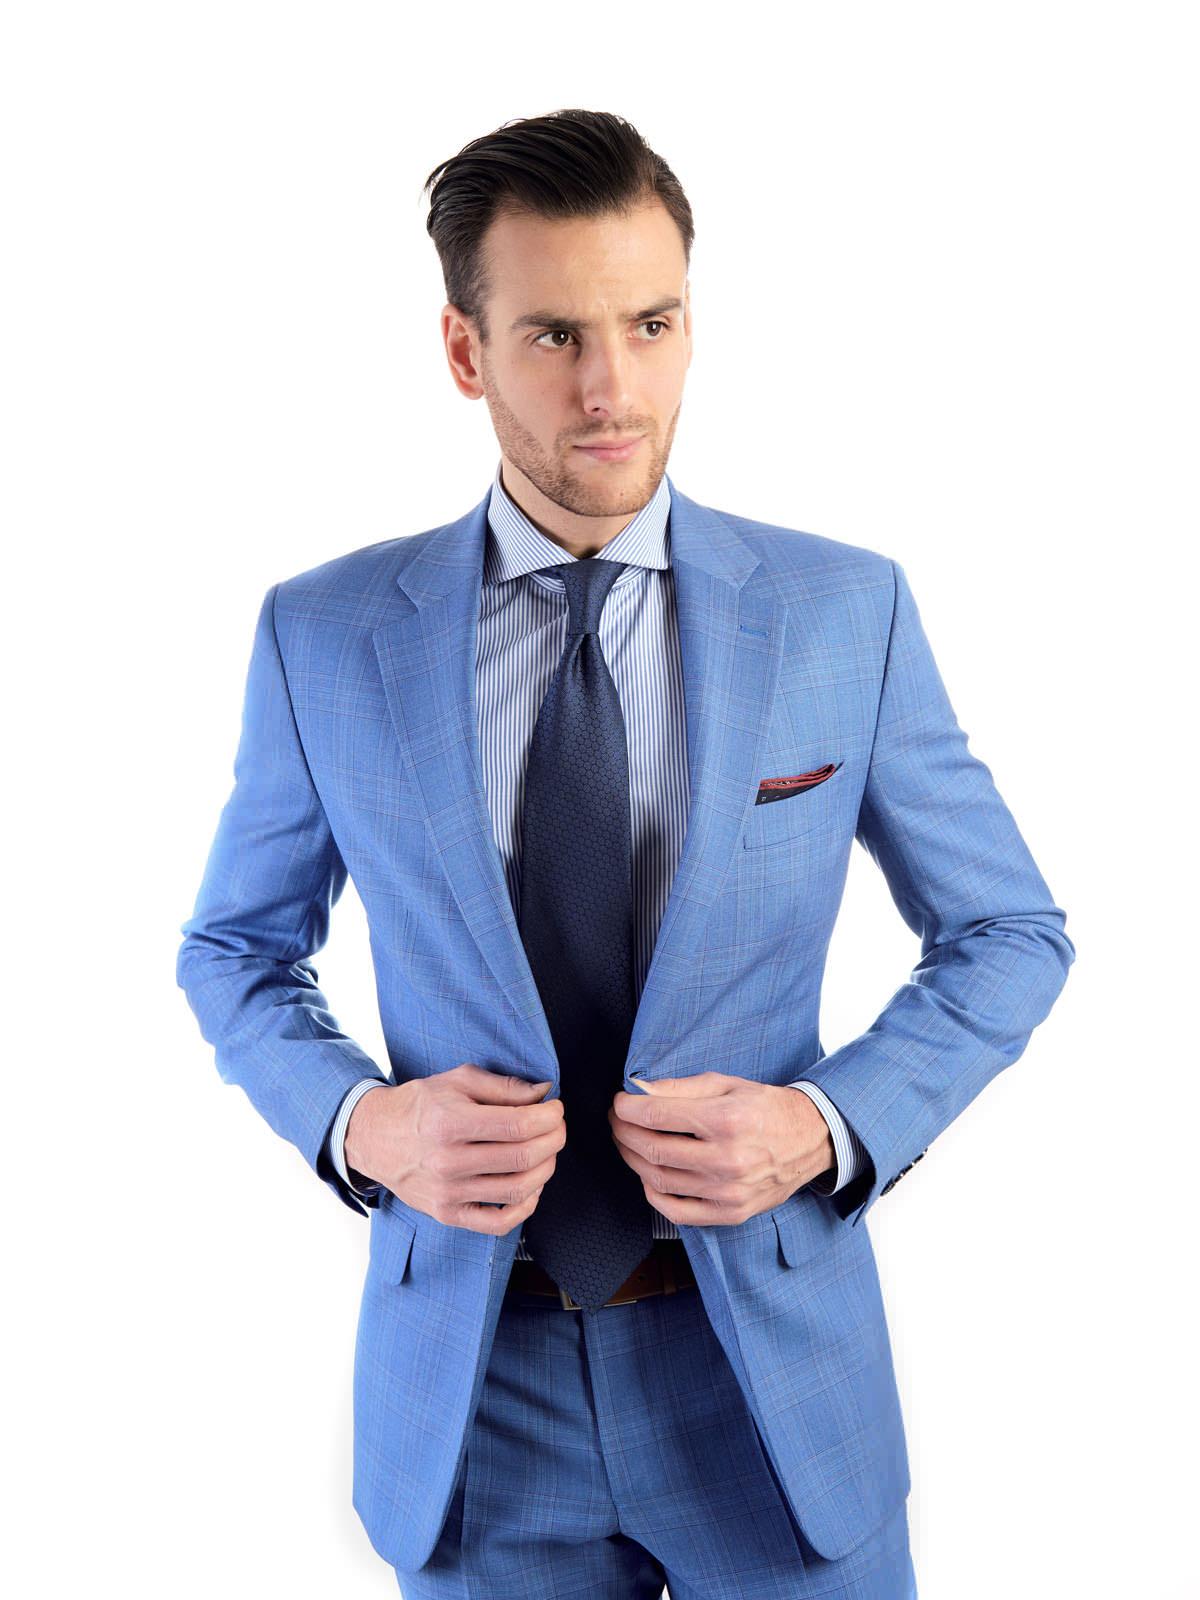 aa8d42f2e423e Niebieski garnitur męski w błękitną i brązową kratę szyty na miarę |  MMSUITS.PL